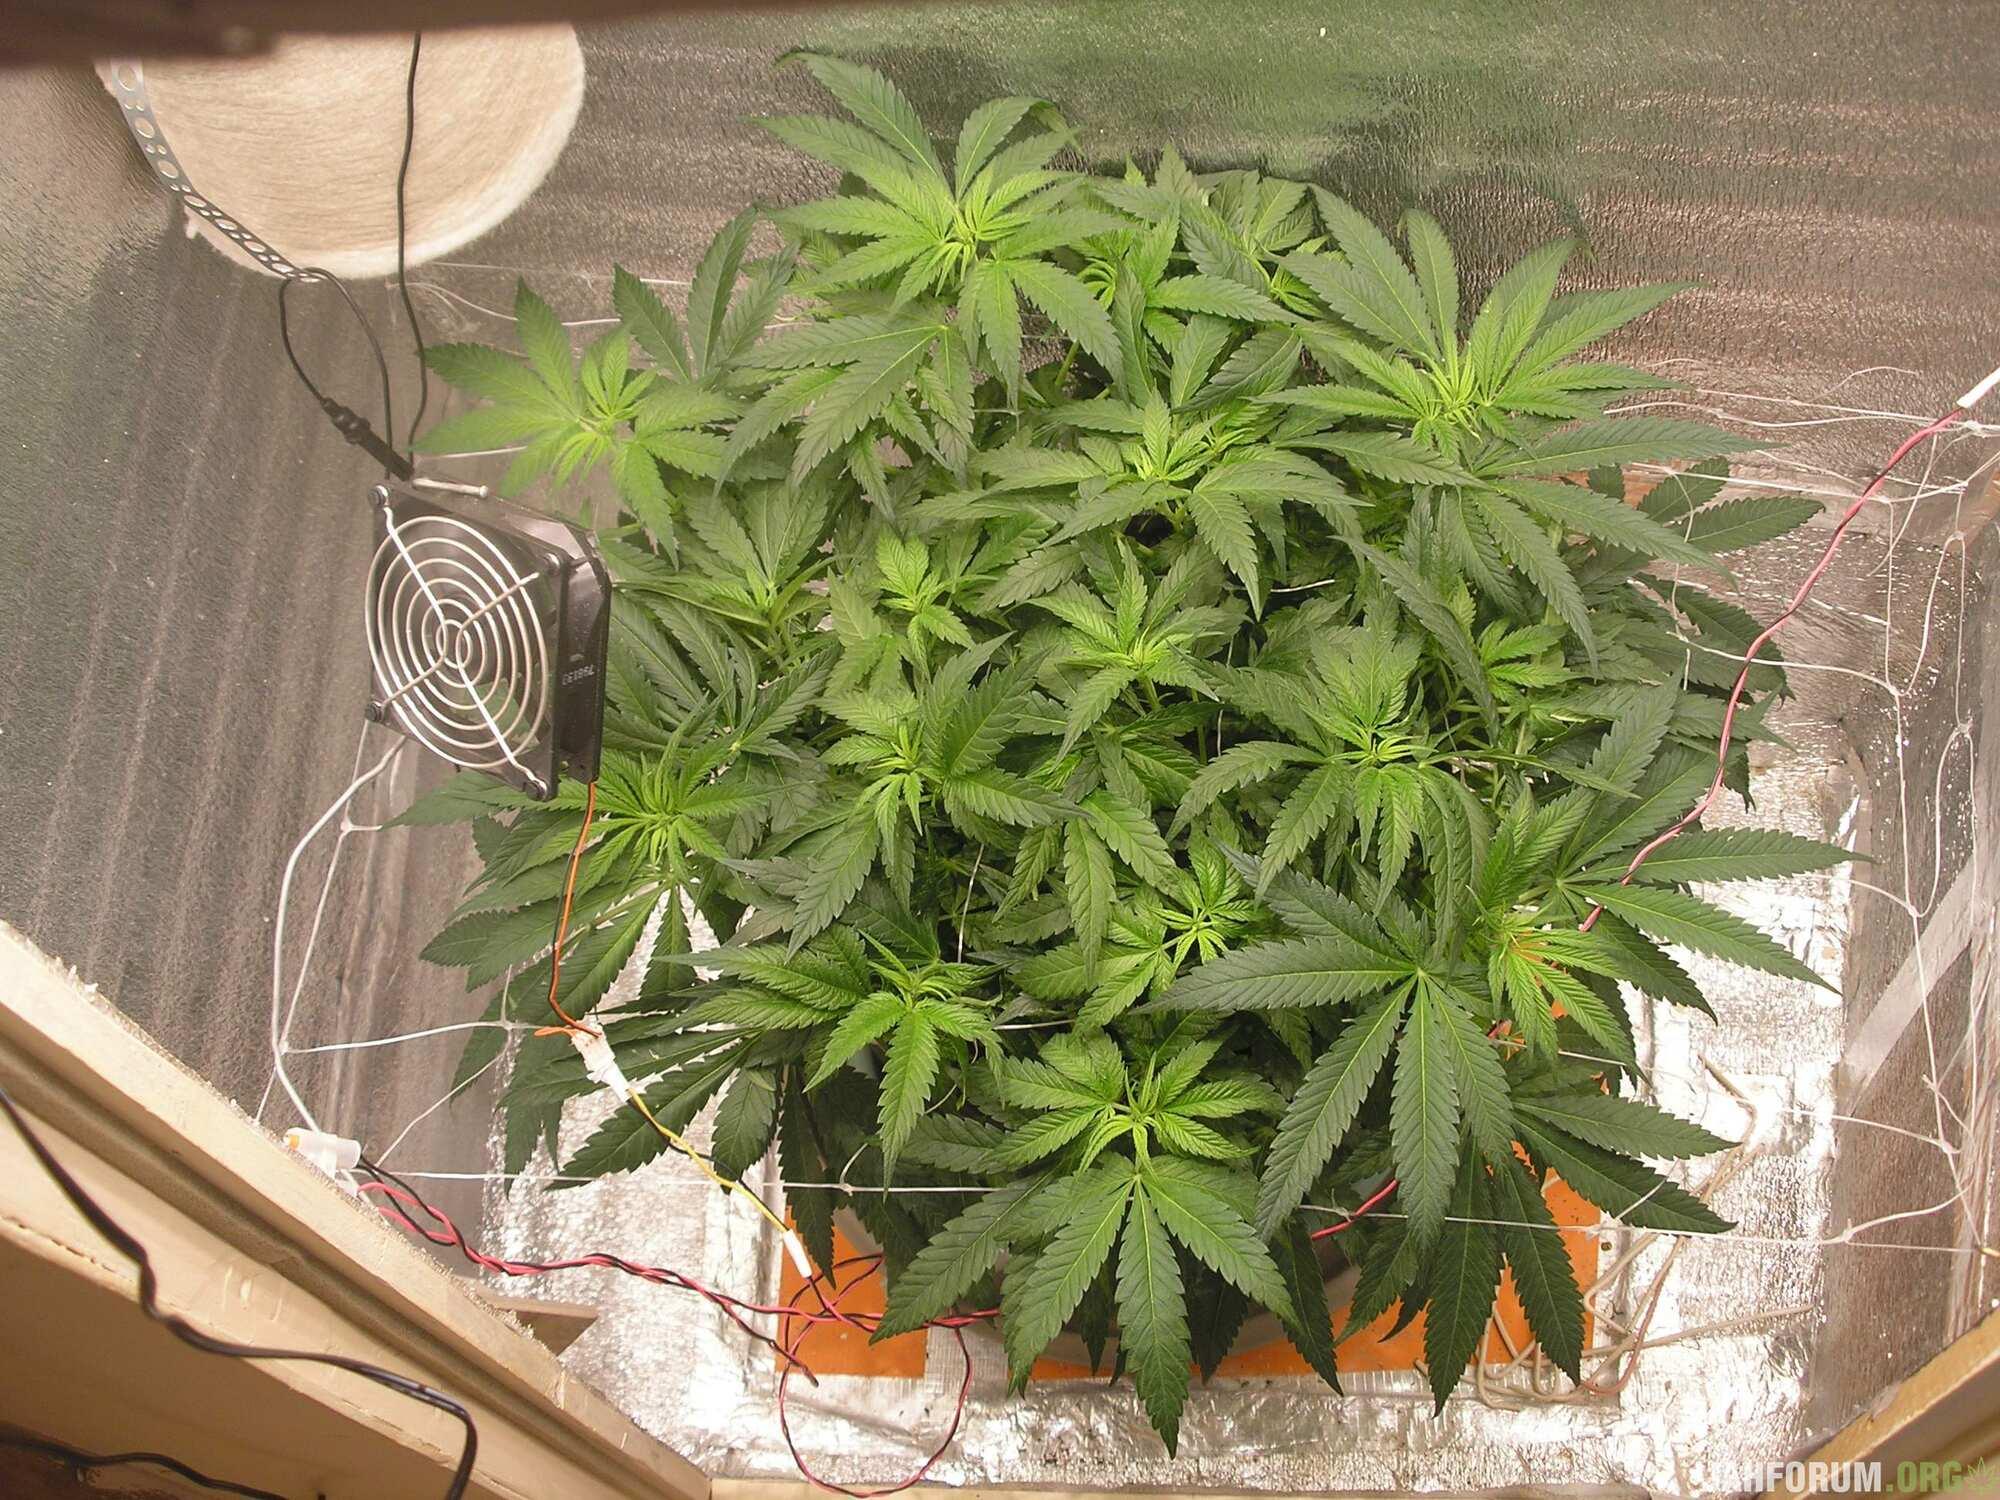 2984641_barney-039-s-farm-lsd-feminsed-grow-journal-by-trollshamanbarneys-farmlsd-feminsed.jpg